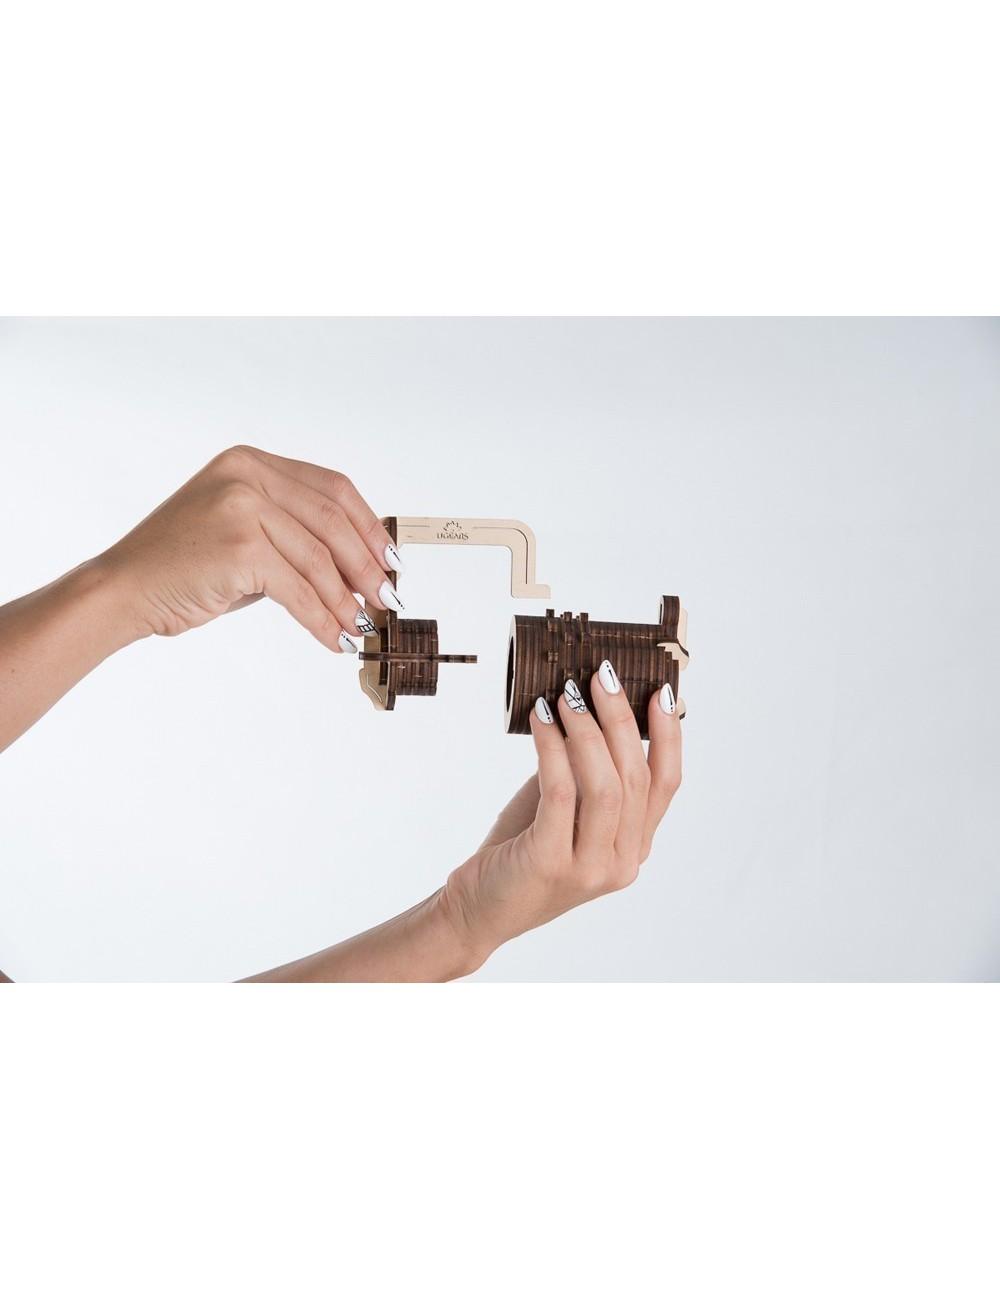 Cerradura de combinación (Combination Lock)